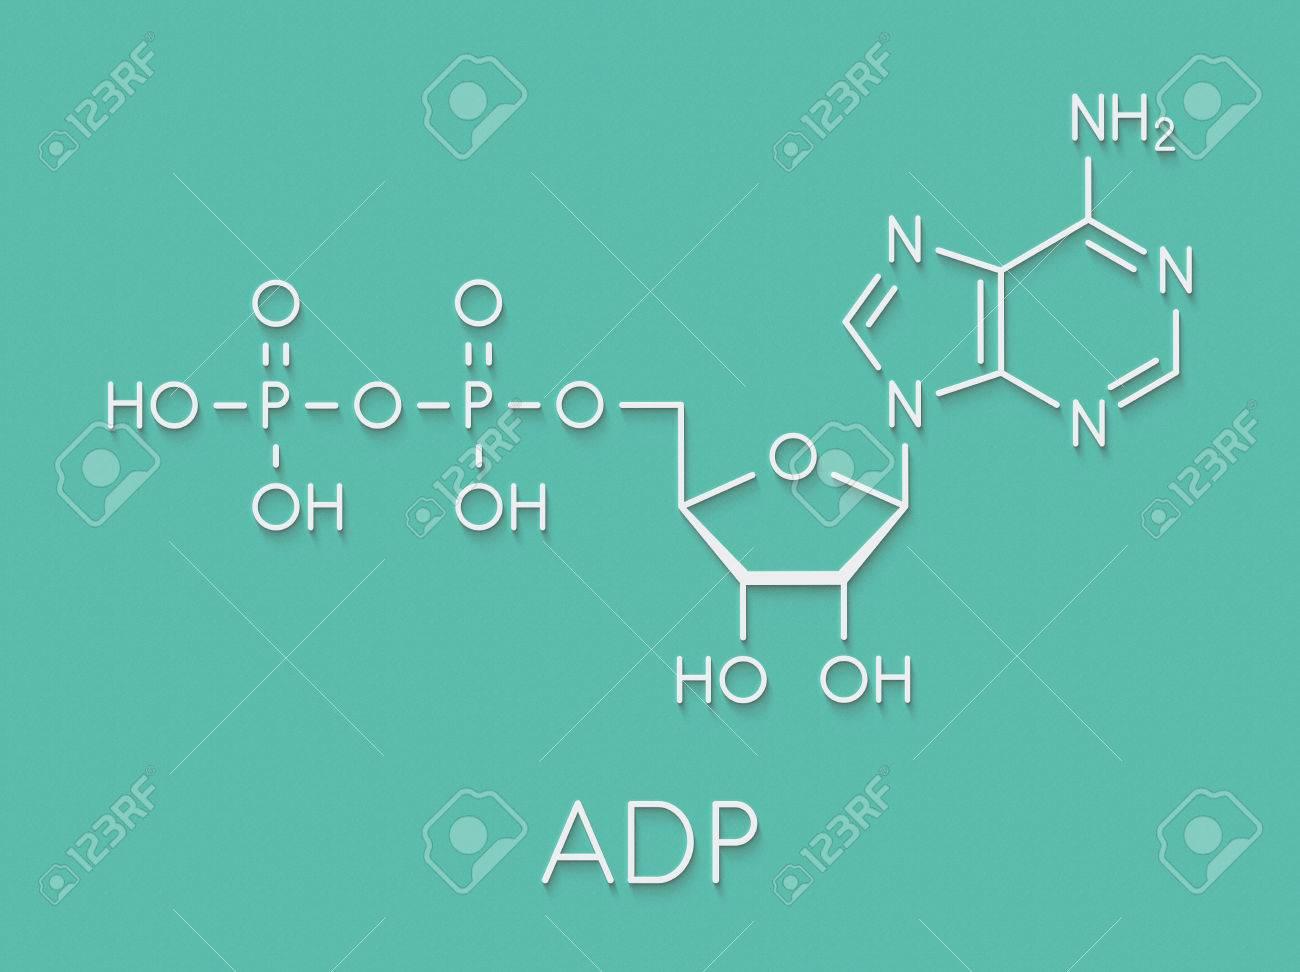 Adenosine Diphosphate Adp Molecule Plays Essential Role In